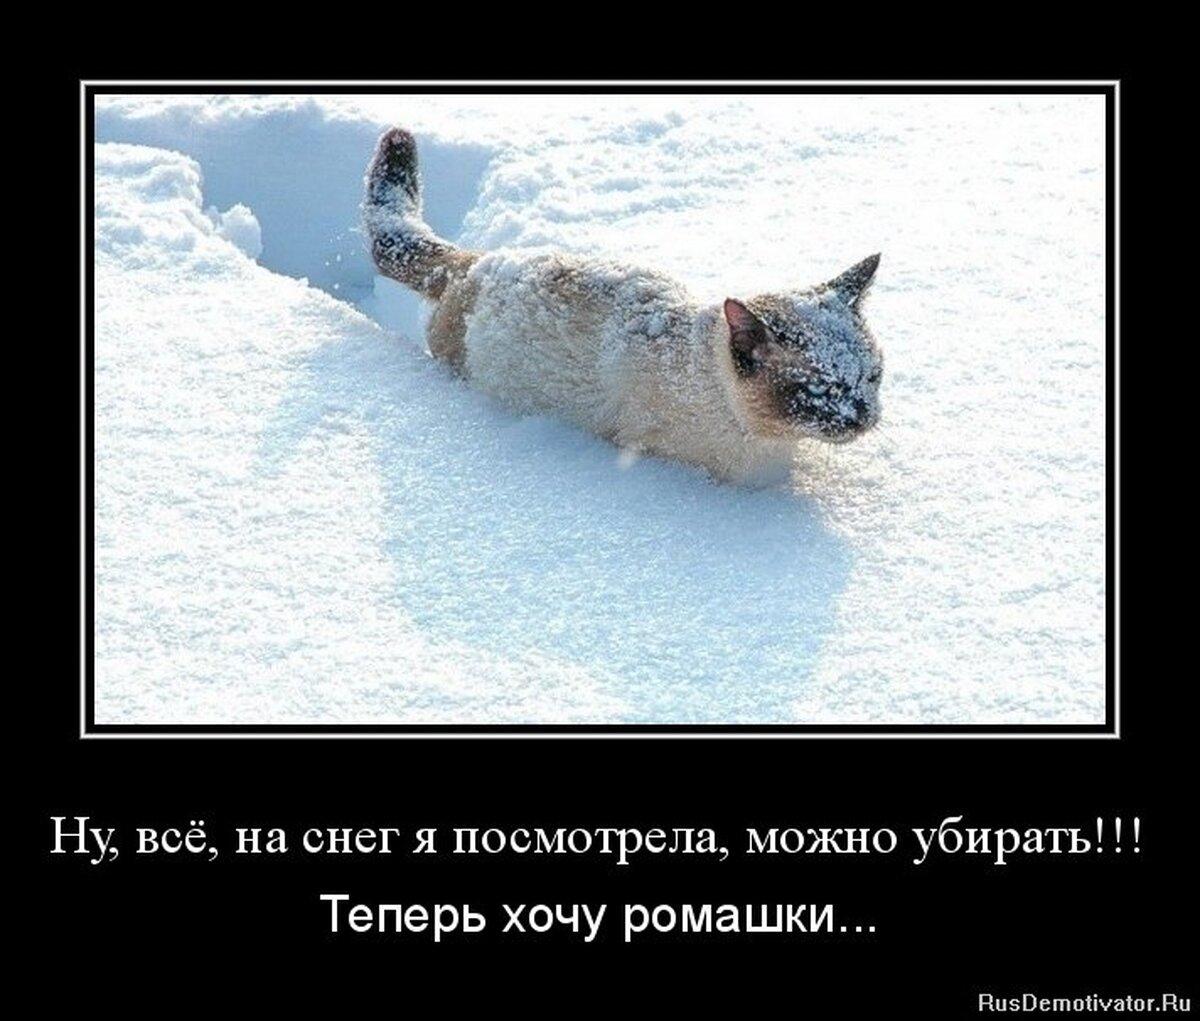 как добраться домой в снегопад смешные картинки рассказал, какие правила